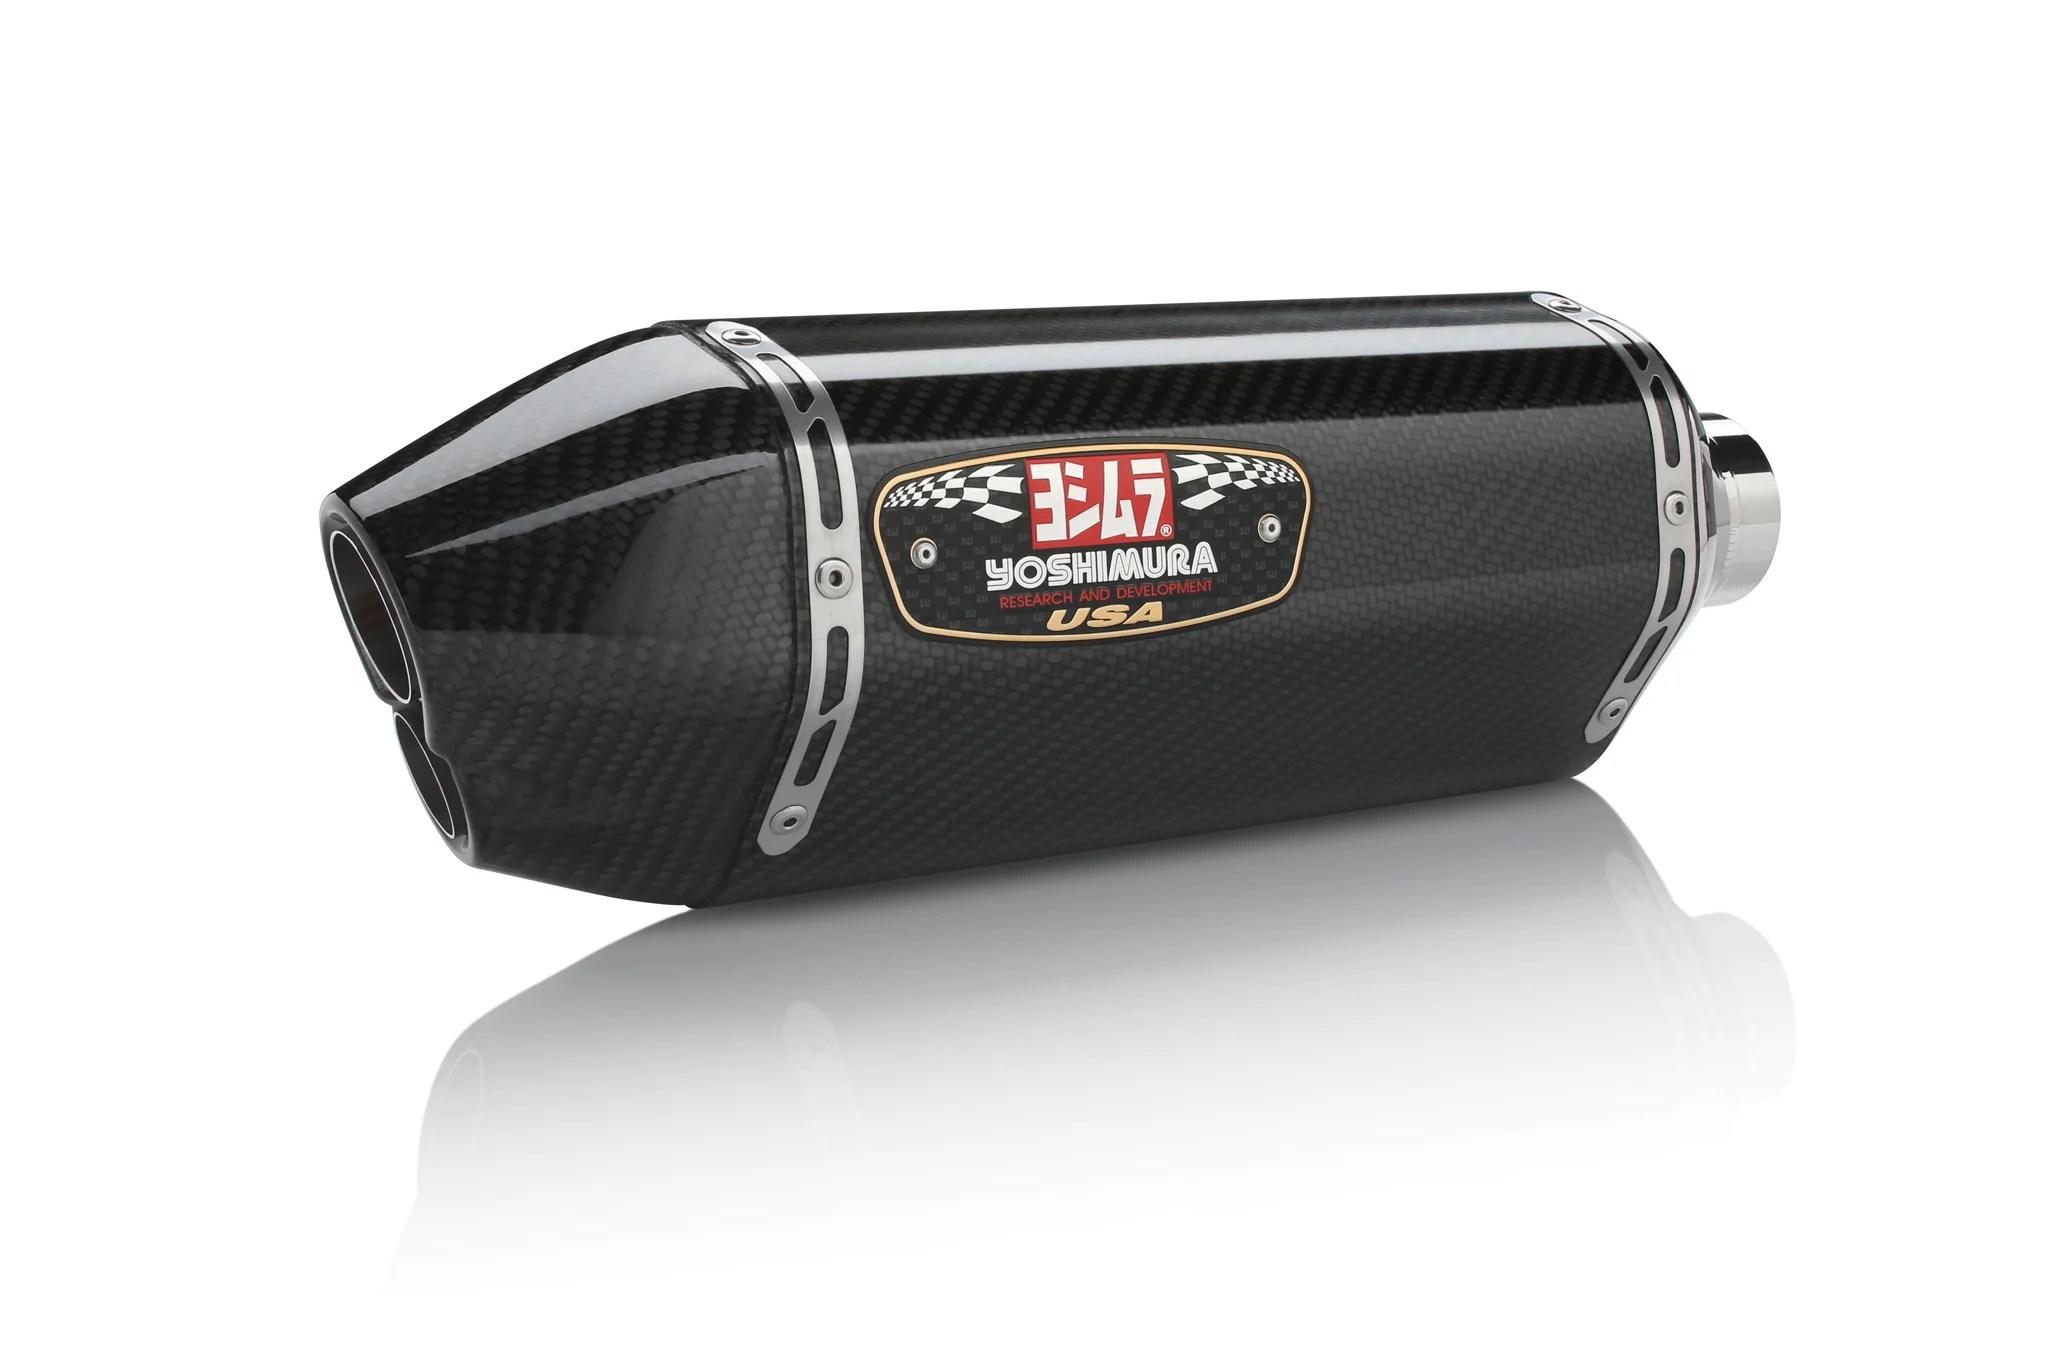 gsx r600 750 11 21 r 77d stainless slip on exhaust w carbon fiber muffler